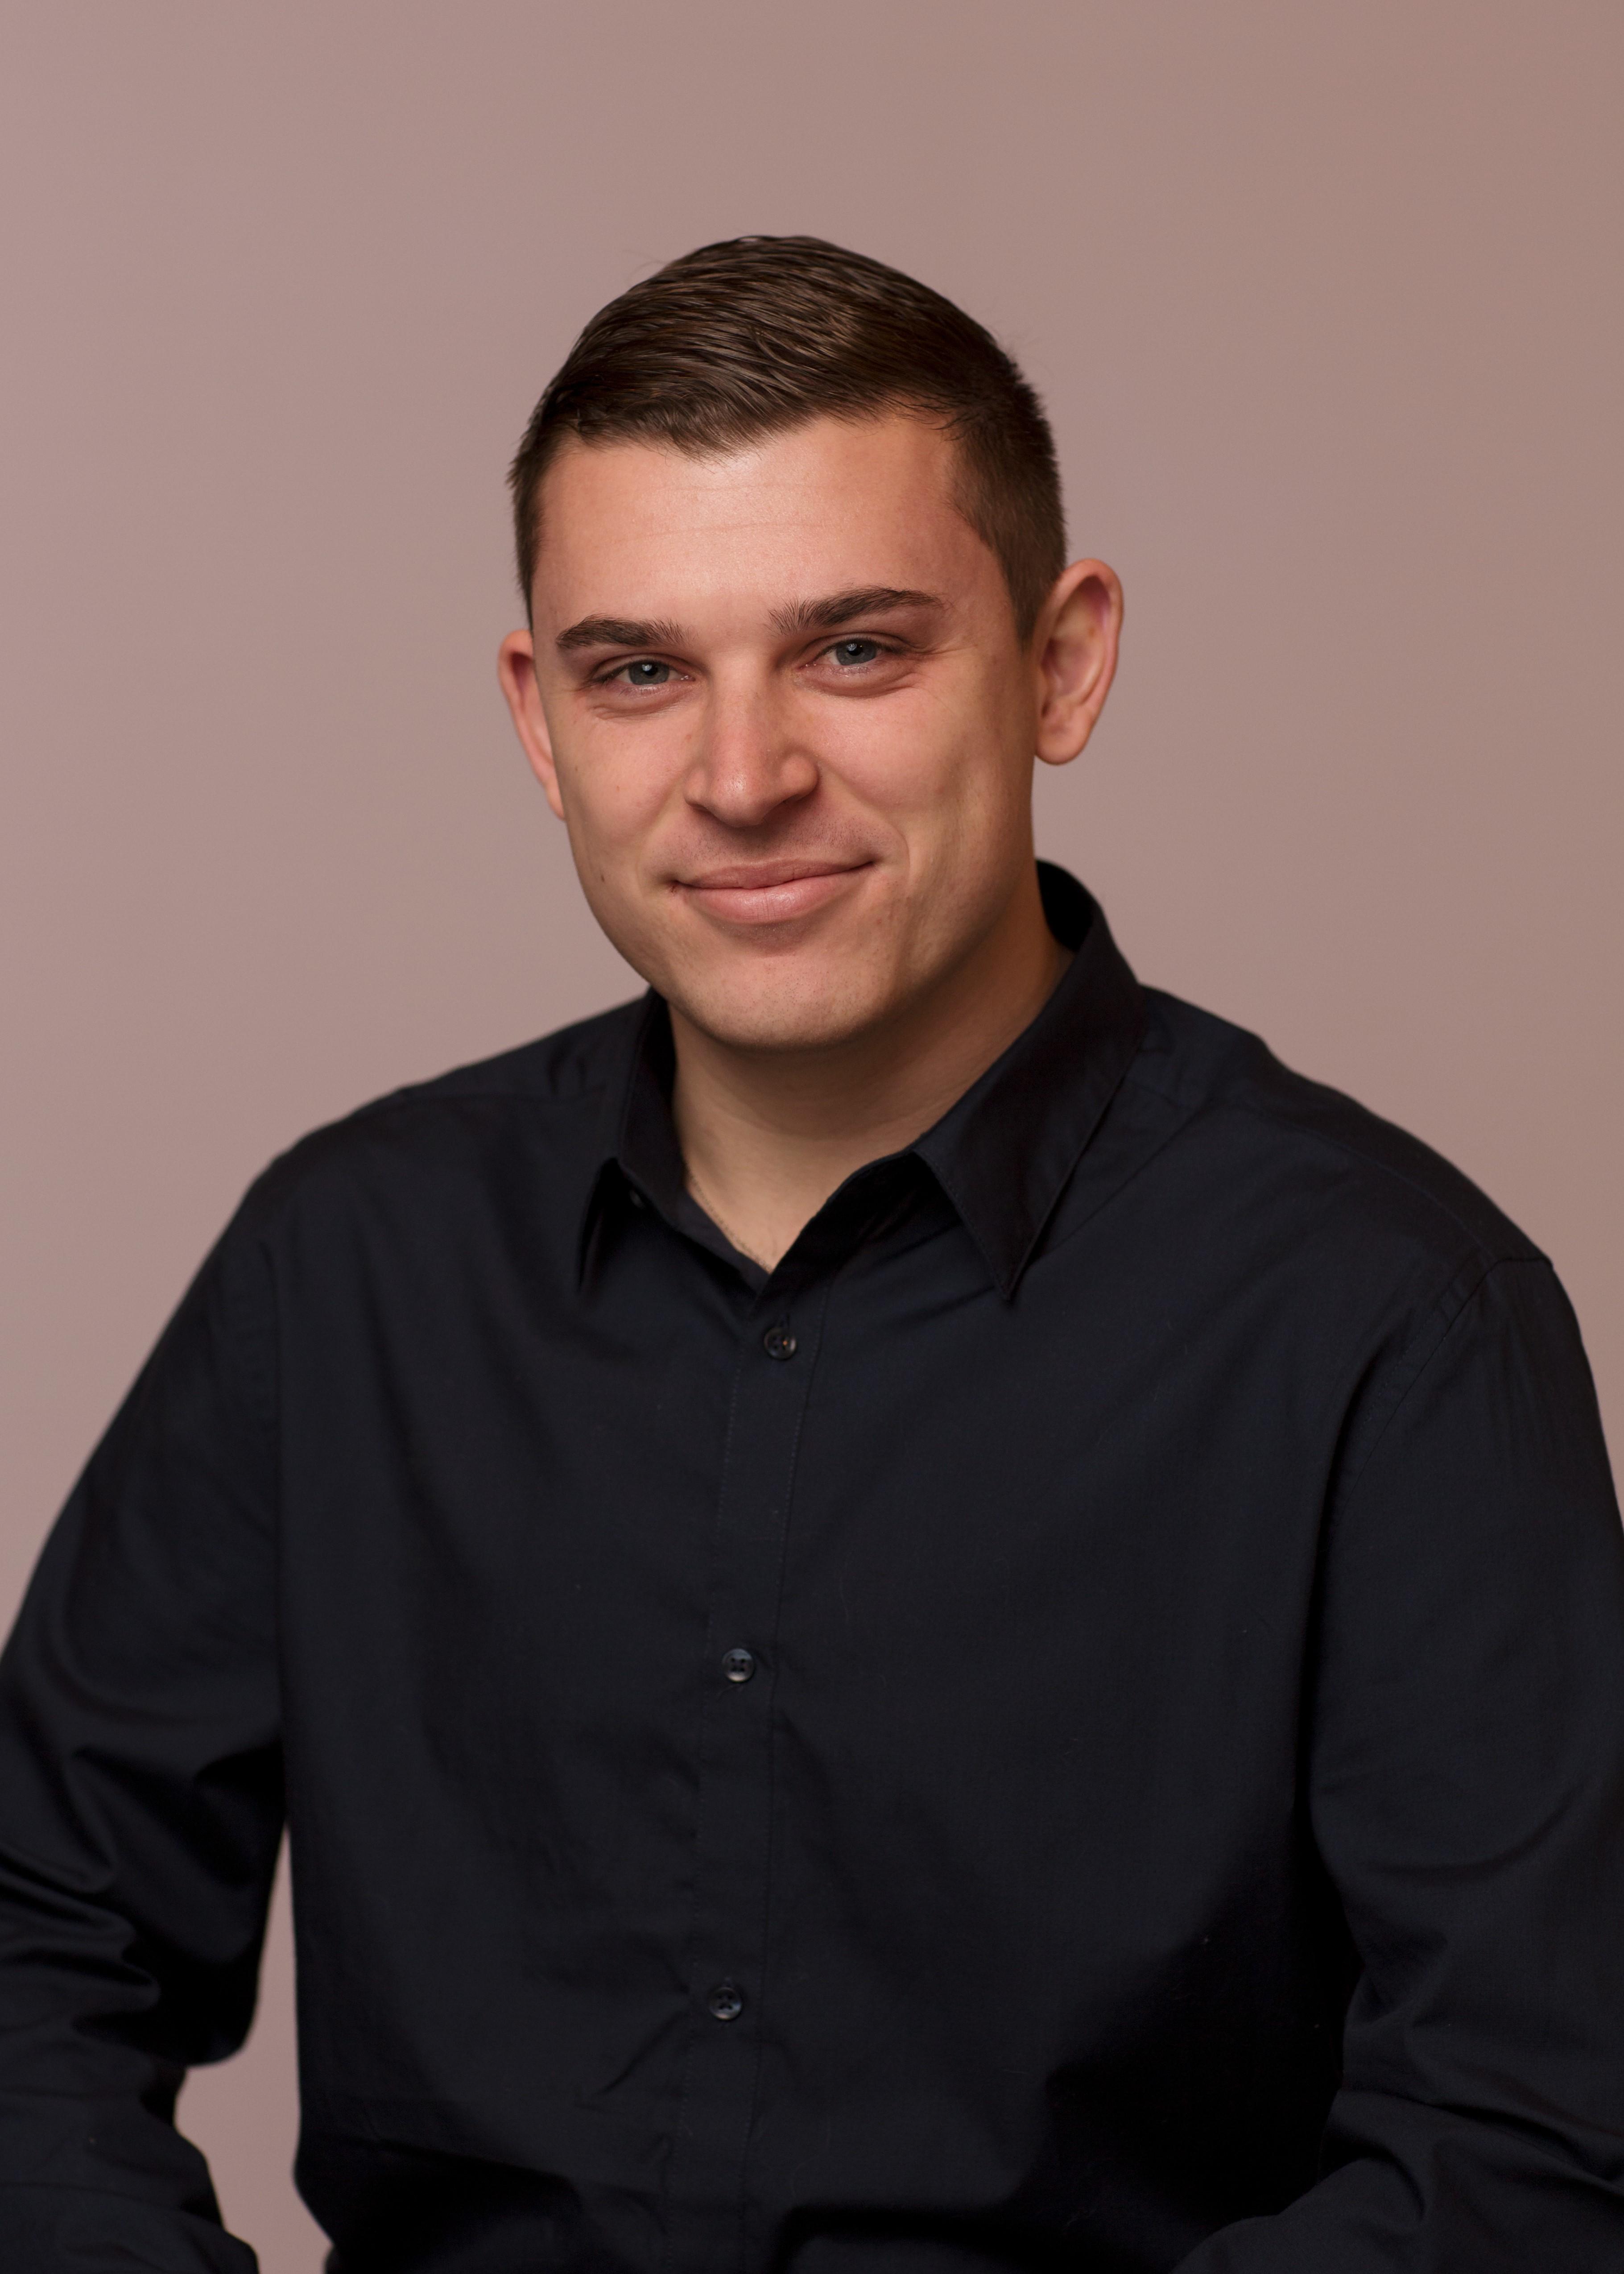 Nate Price